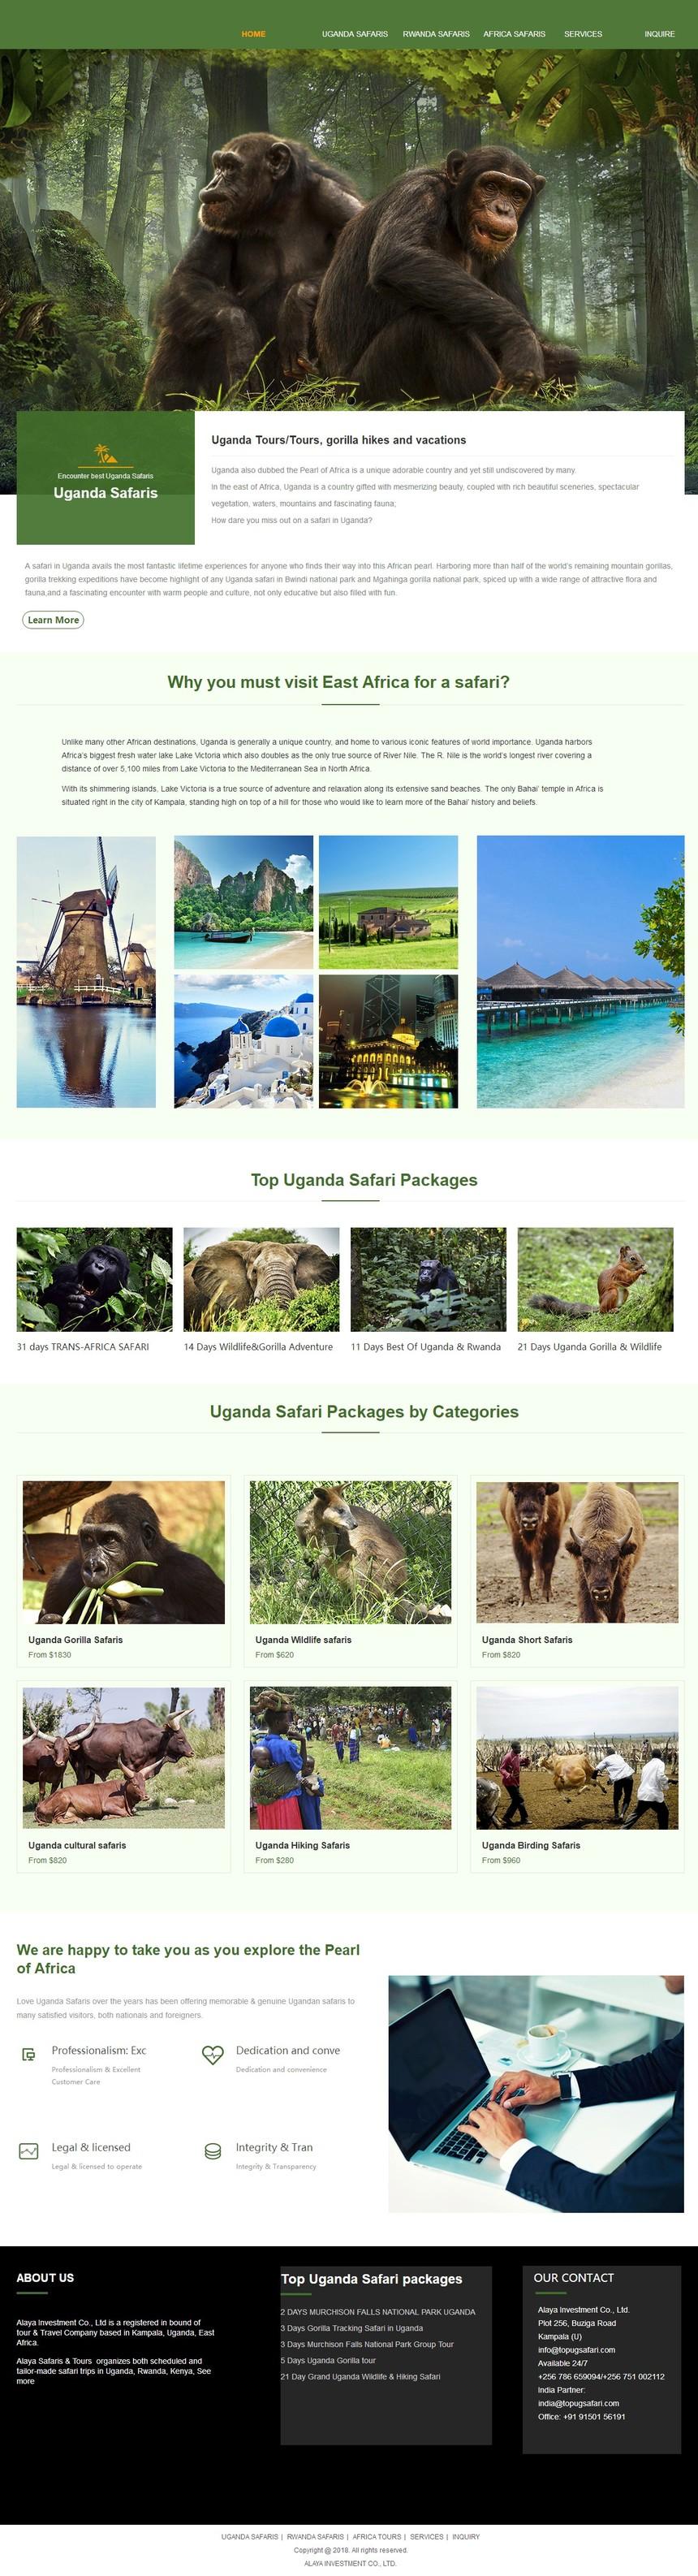 topugsafari.jpg